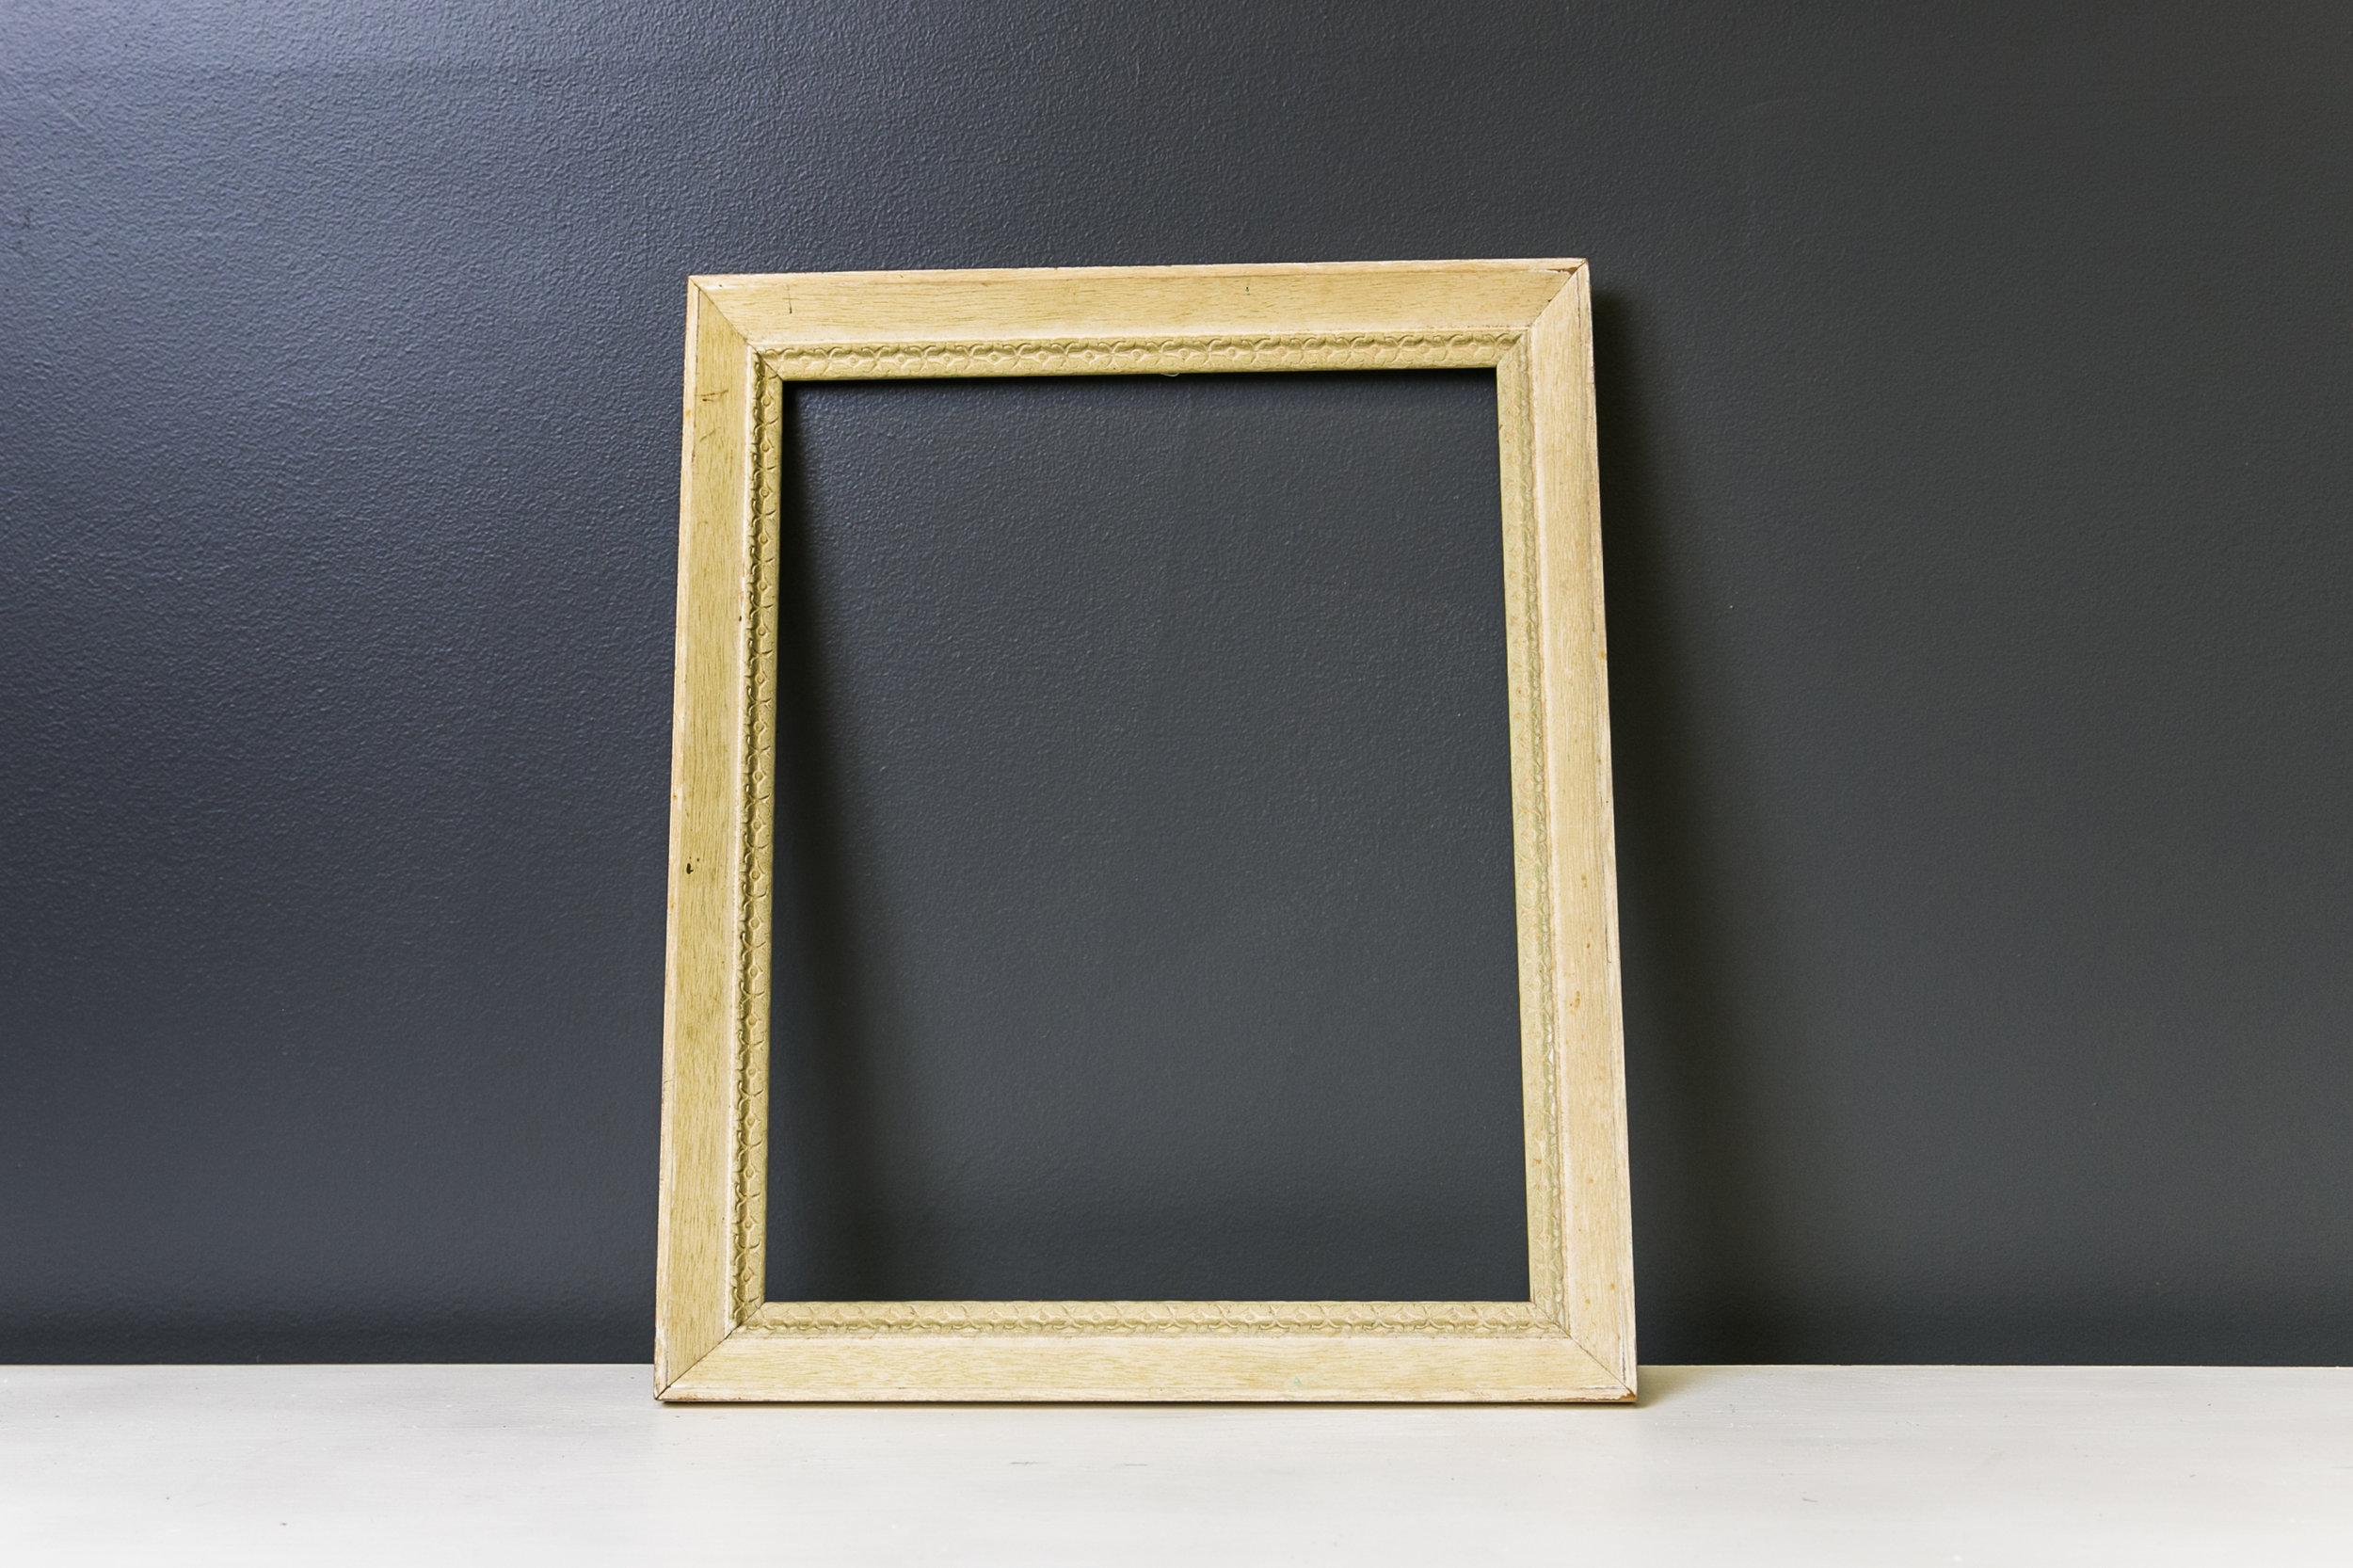 Flagler Frame 17 x 15